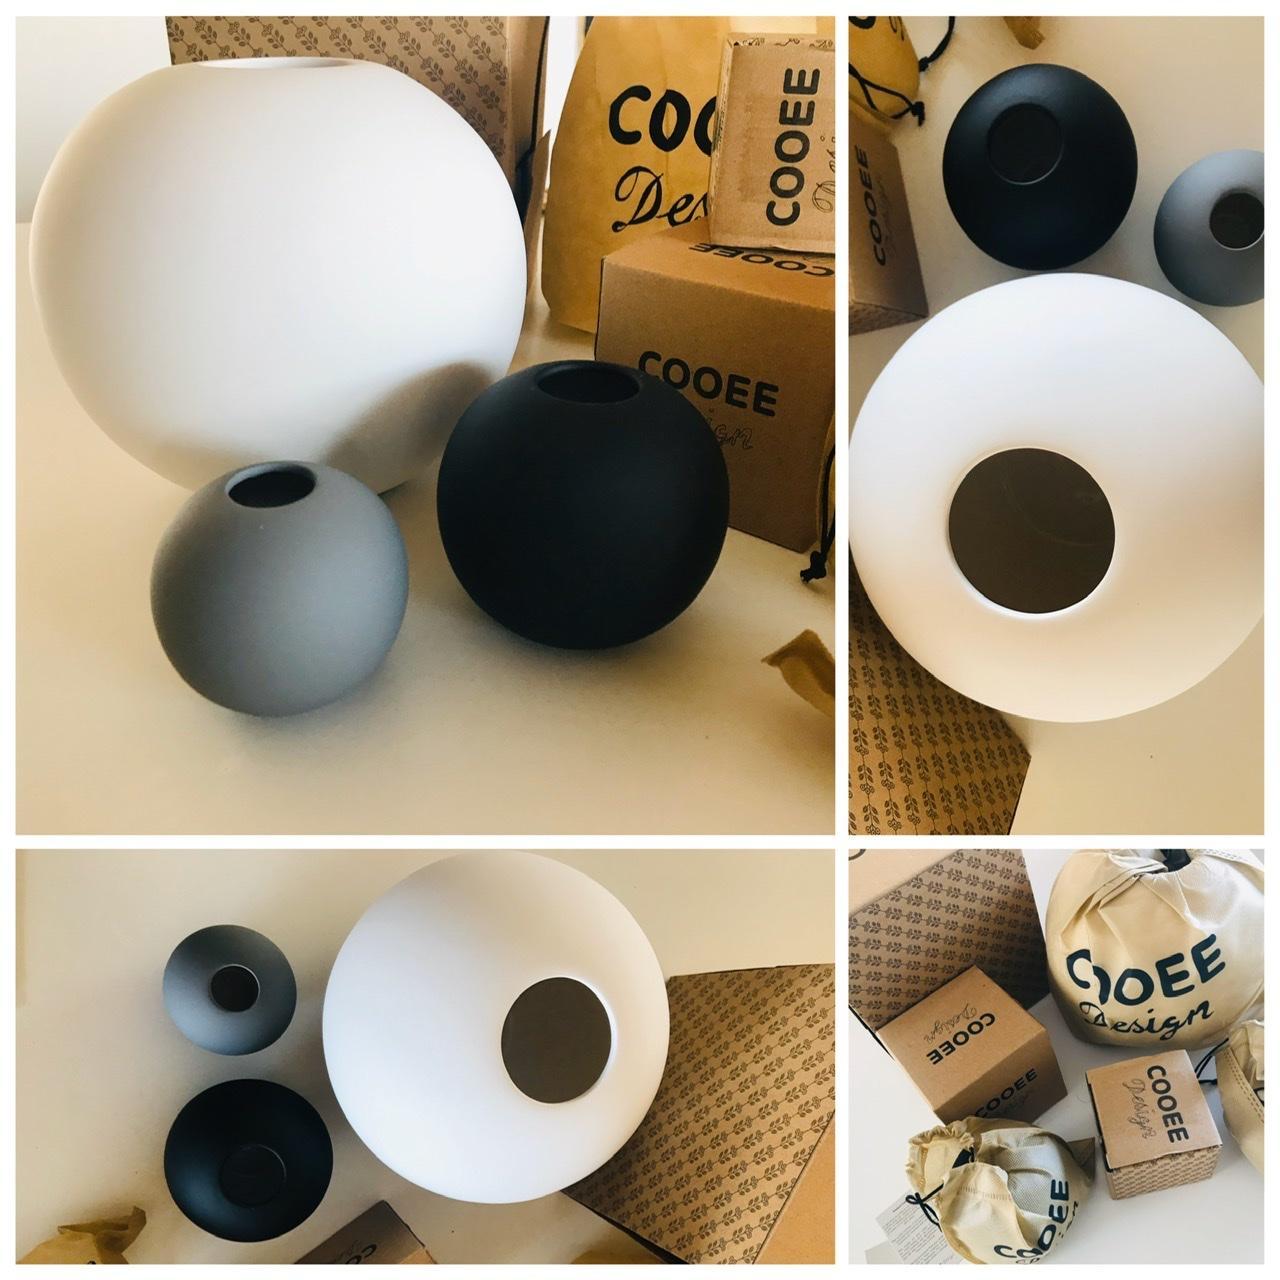 Naše L-ko - 2021 - stále dokončujeme - Nové keramické vázy Cooee - samatový povrch a už i samotné balenie bolo užasne